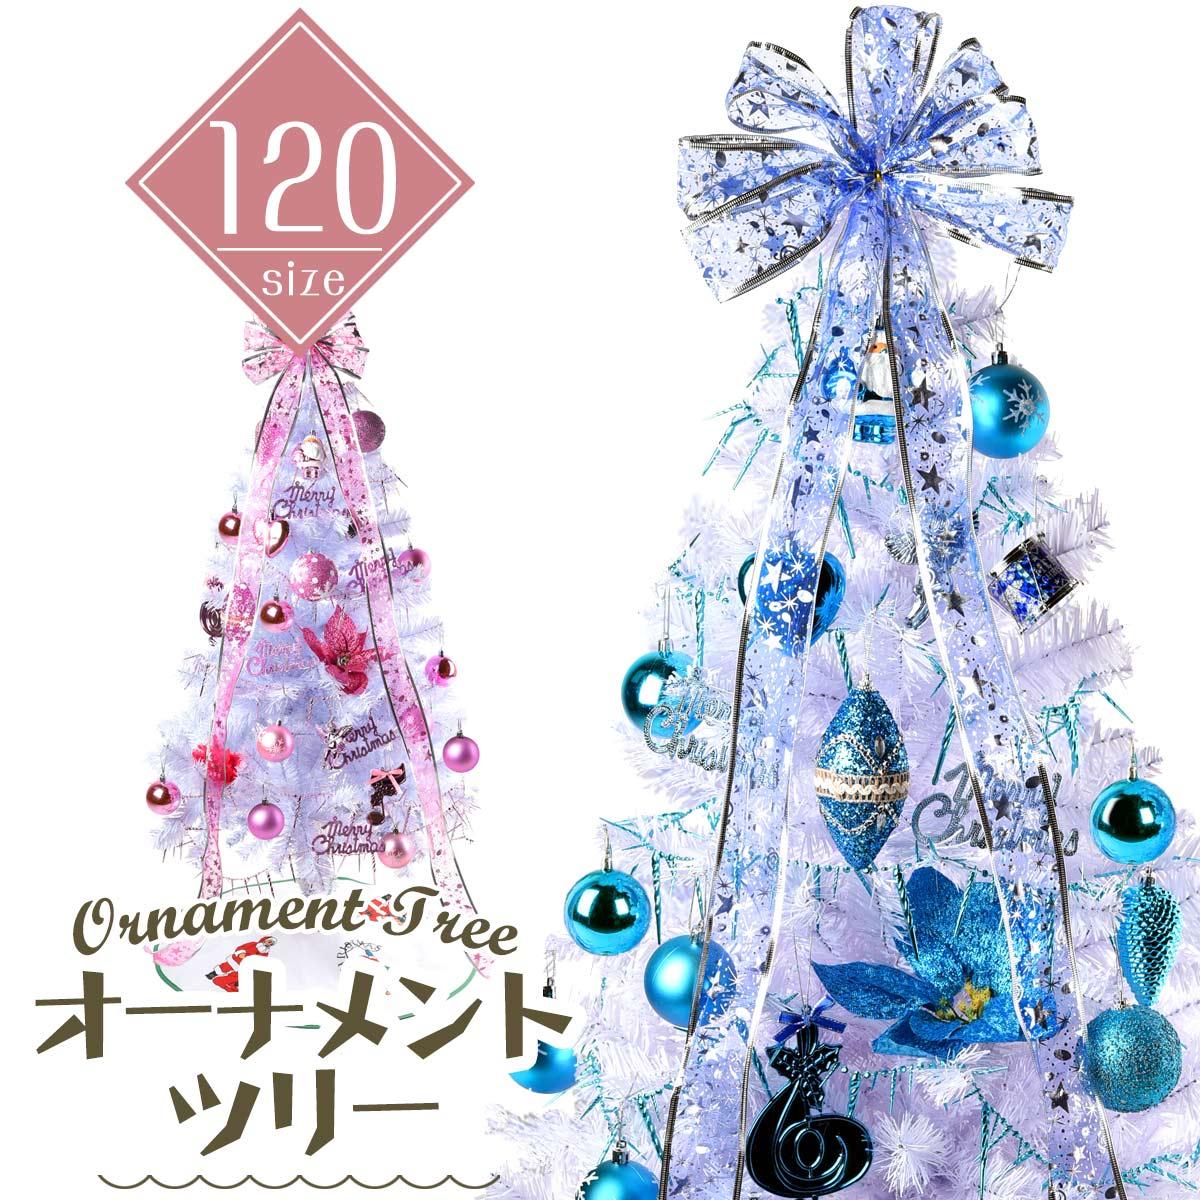 クリスマスツリー 北欧 New 120cm 白ツリー 選べる White led 付 おしゃれ オーナメント セット クリスマス ツリー 店舗 家庭 用 cm19c ss1912